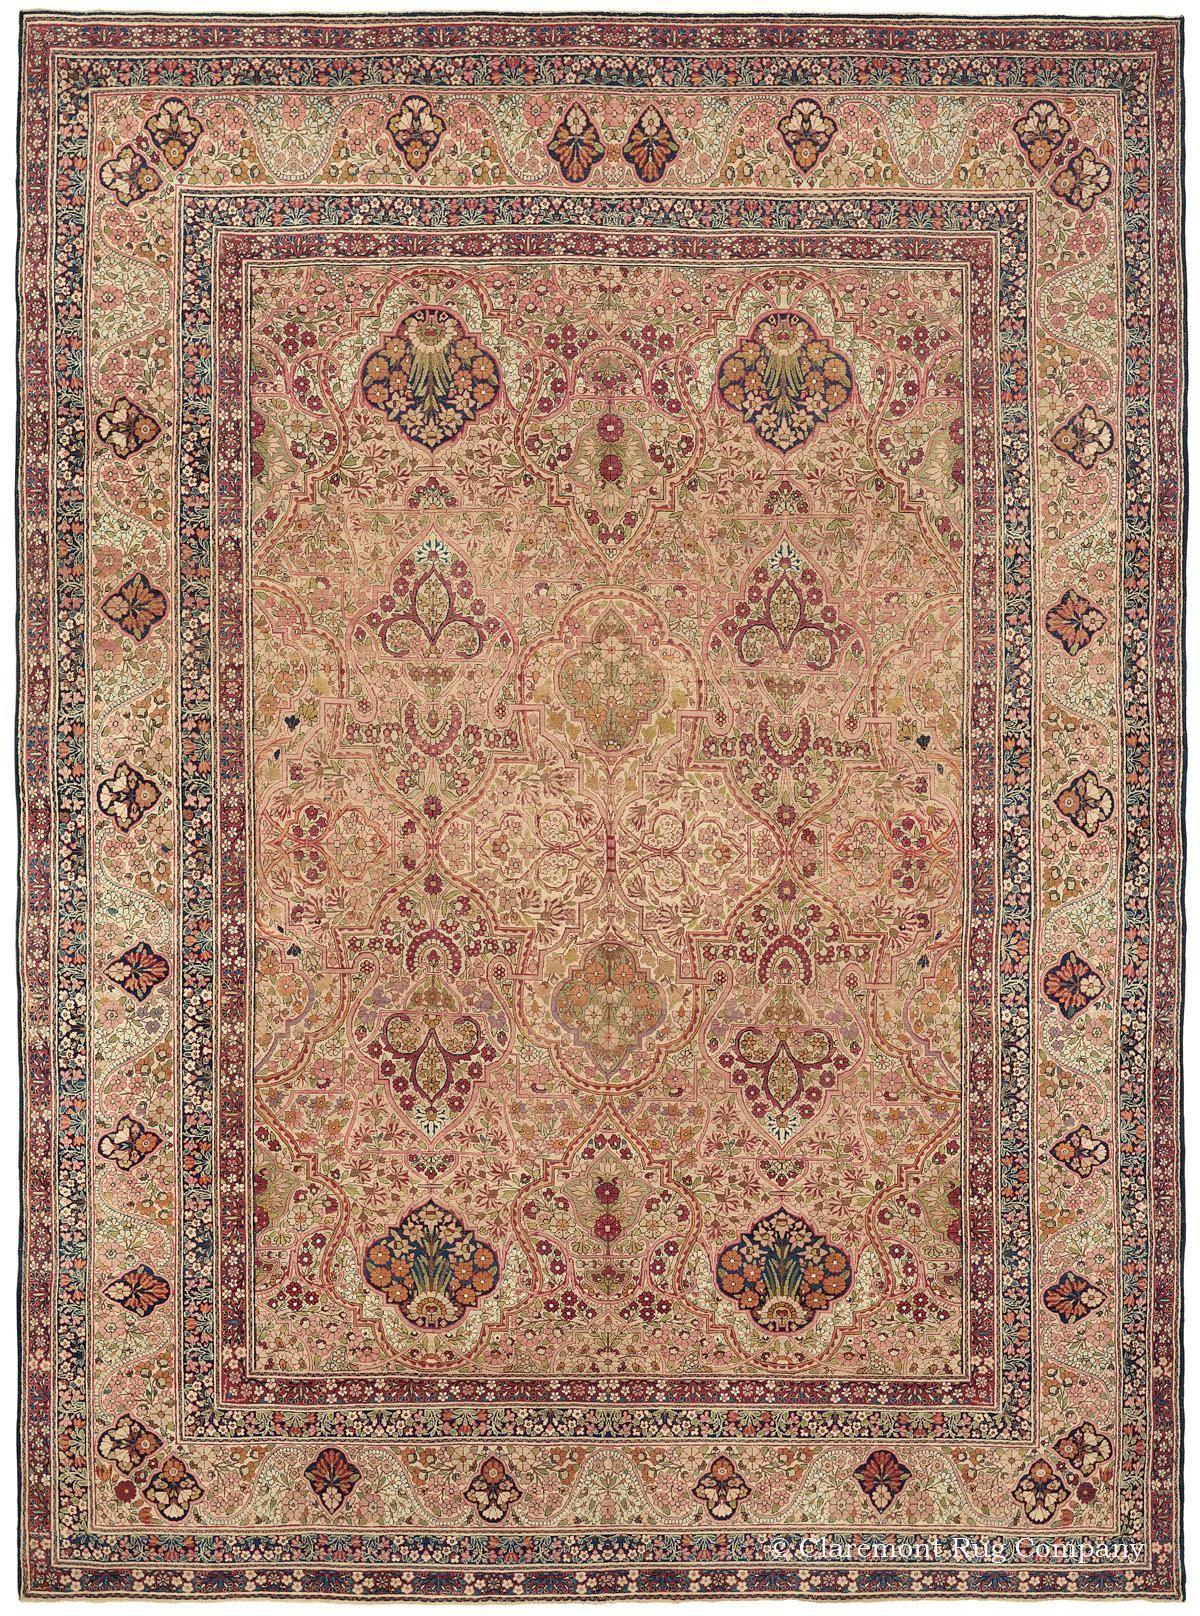 Antique Persian Rugs Antique Carpet Room Size Laver Kirman Rugs Rugs On Carpet Antique Persian Rug